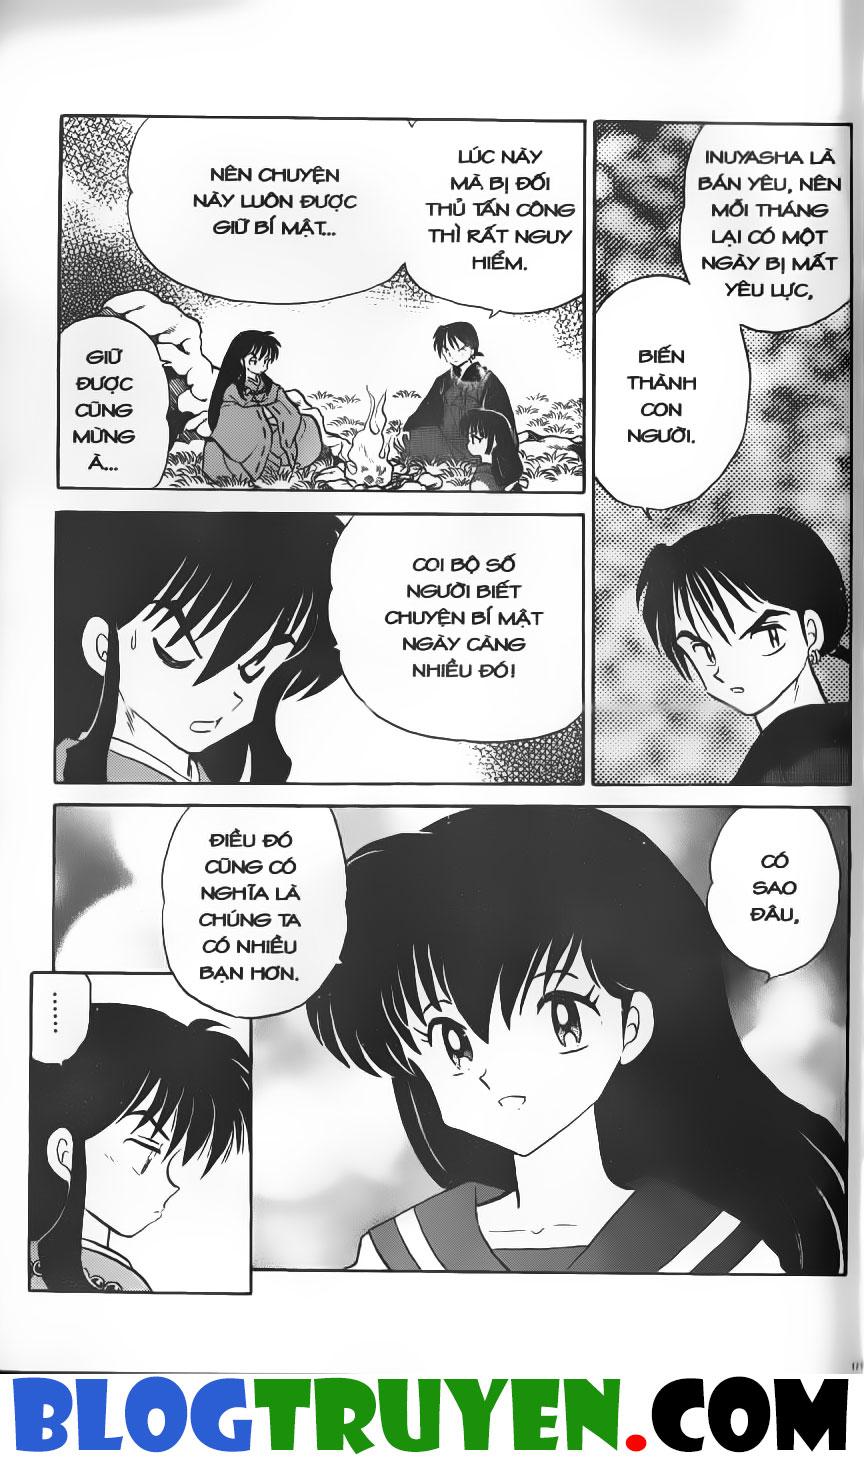 Inuyasha vol 16.10 trang 12